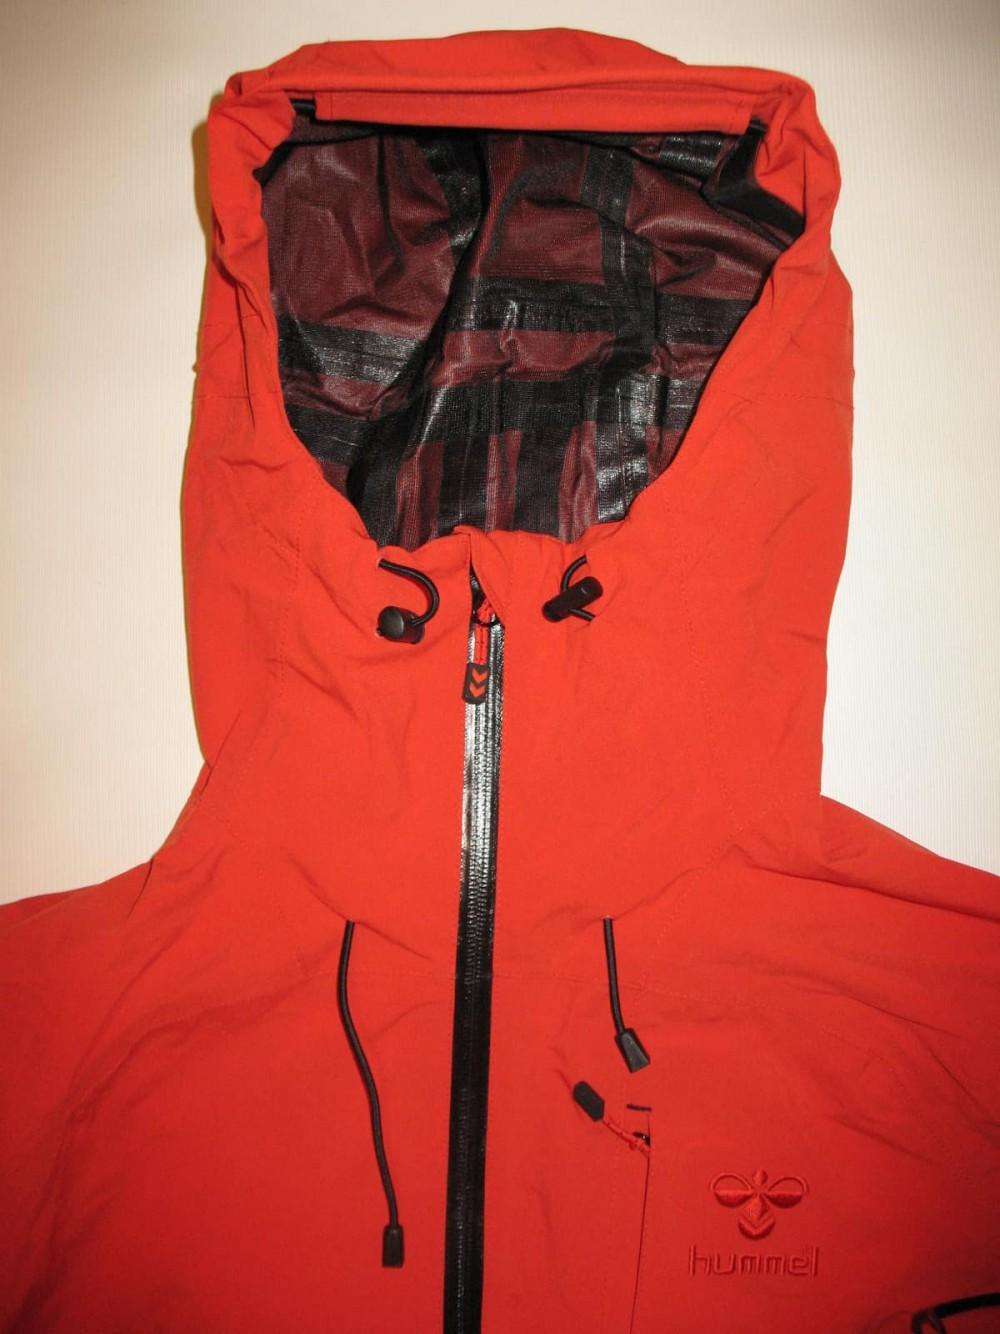 Куртка HUMMEL classic bee 3 layer jacket lady (размер S) - 3